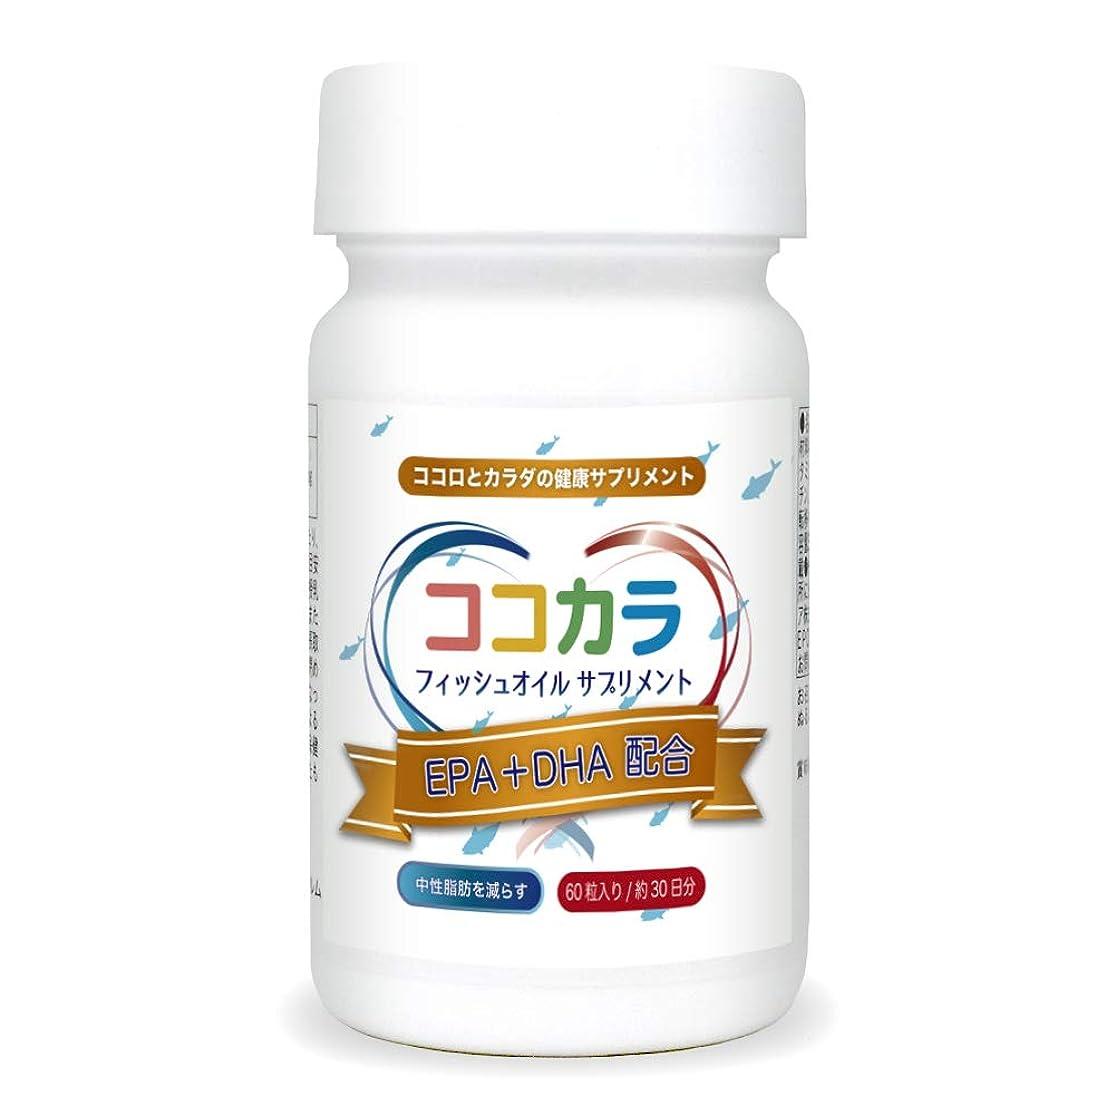 限界出力感情のEPA&DHA配合 ココカラサプリ バイオメガ3 フィッシュオイル 中性脂肪対策(60カプセル1ヶ月分) (1)